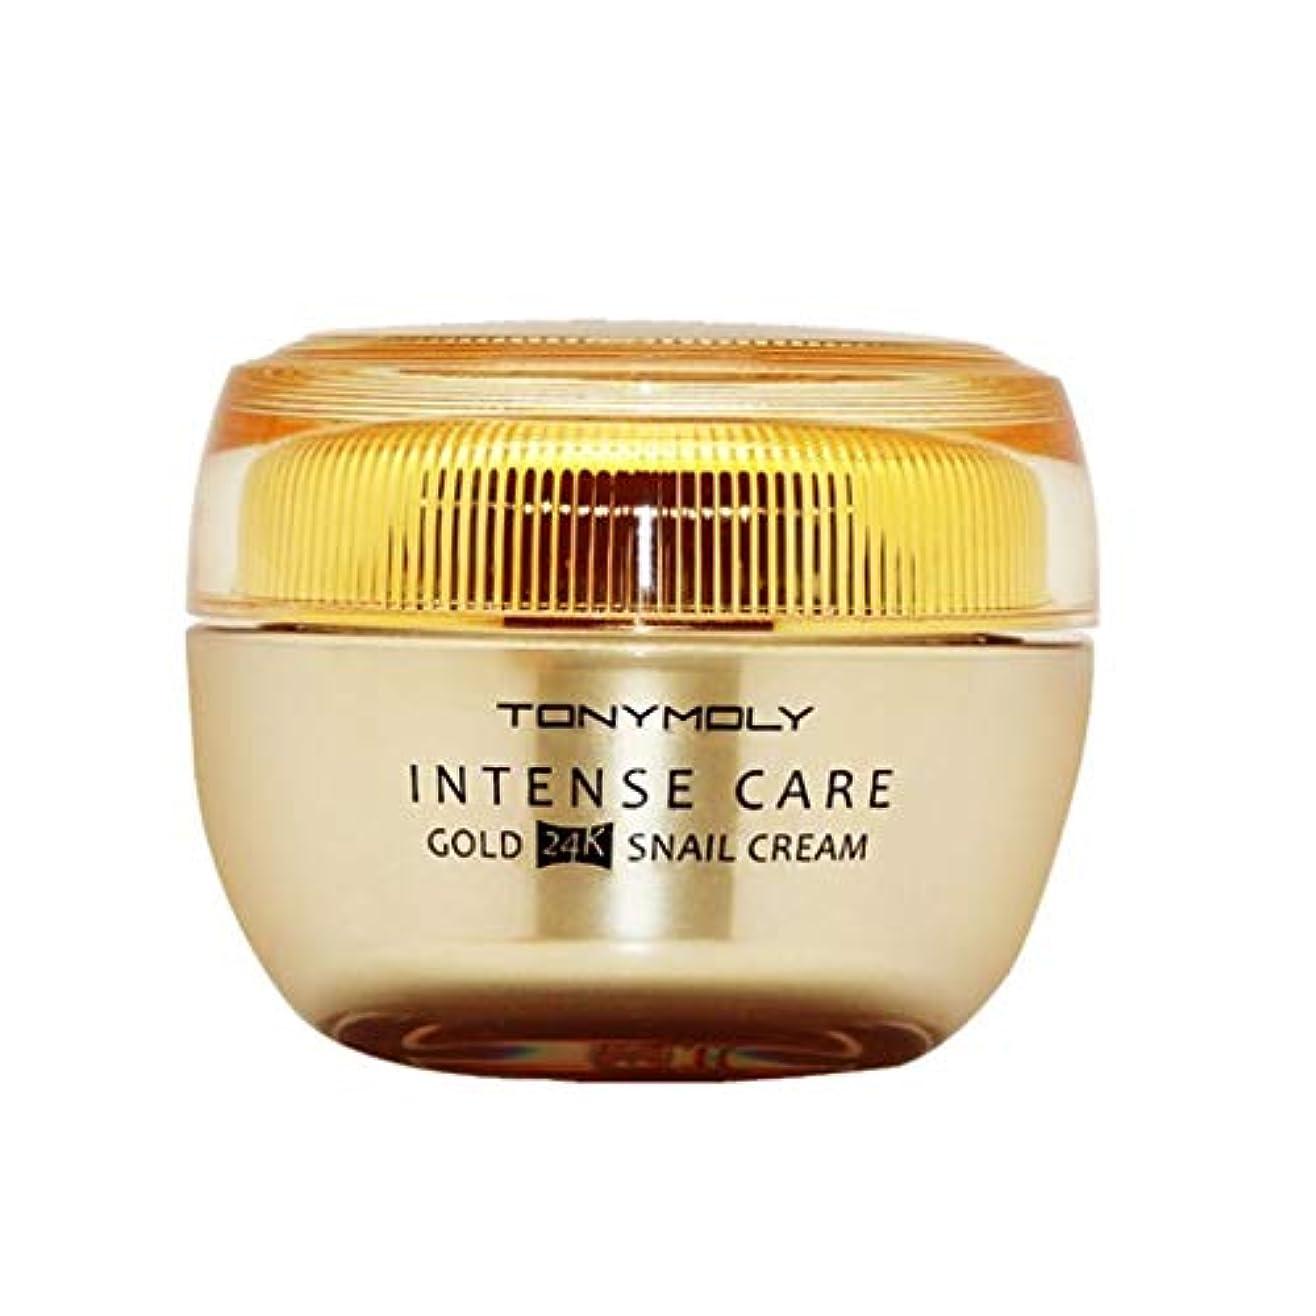 子供時代承認する水素トニーモリーインテンスケアゴールド24Kスネールクリーム45ml x 2本セット美白、シワ改善クリーム、Tonymoly Intense Care Gold 24K Snail Cream 45ml x 2ea Set...